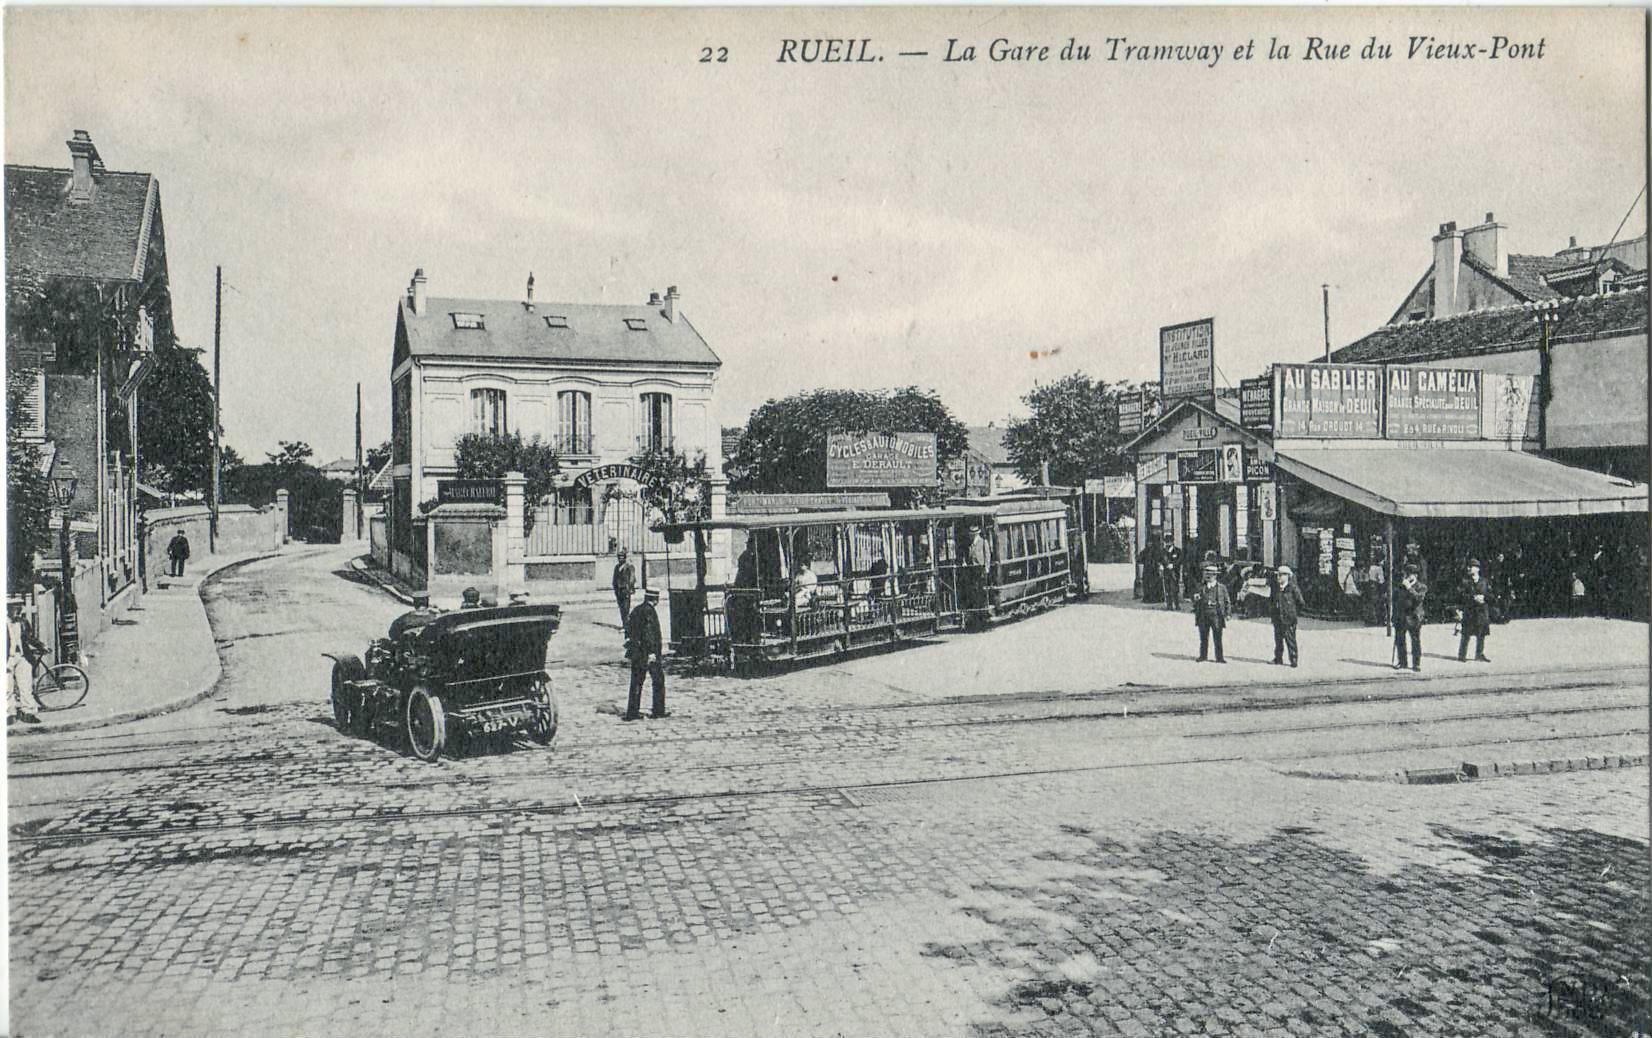 File nd 22 rueil la gare du tramway et la rue du vieux - Piscine de rueil malmaison ...